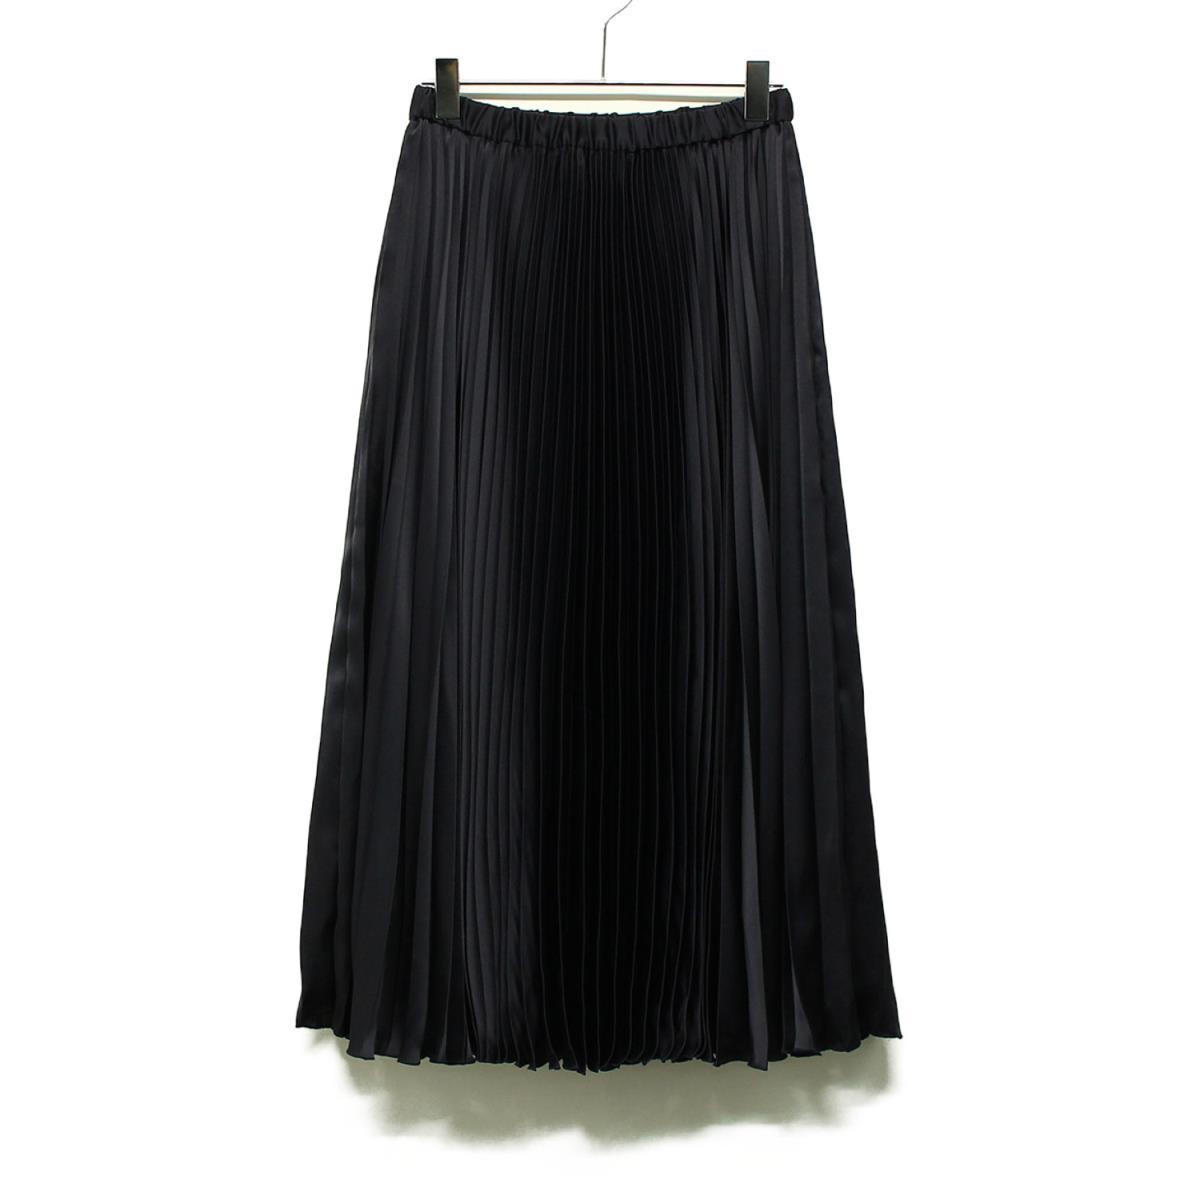 UNITED ARROWS ユナイテッドアローズ サテン アコーディオン プリーツスカート ネイビー 36(S) 【レディース】【中古】【K2607】